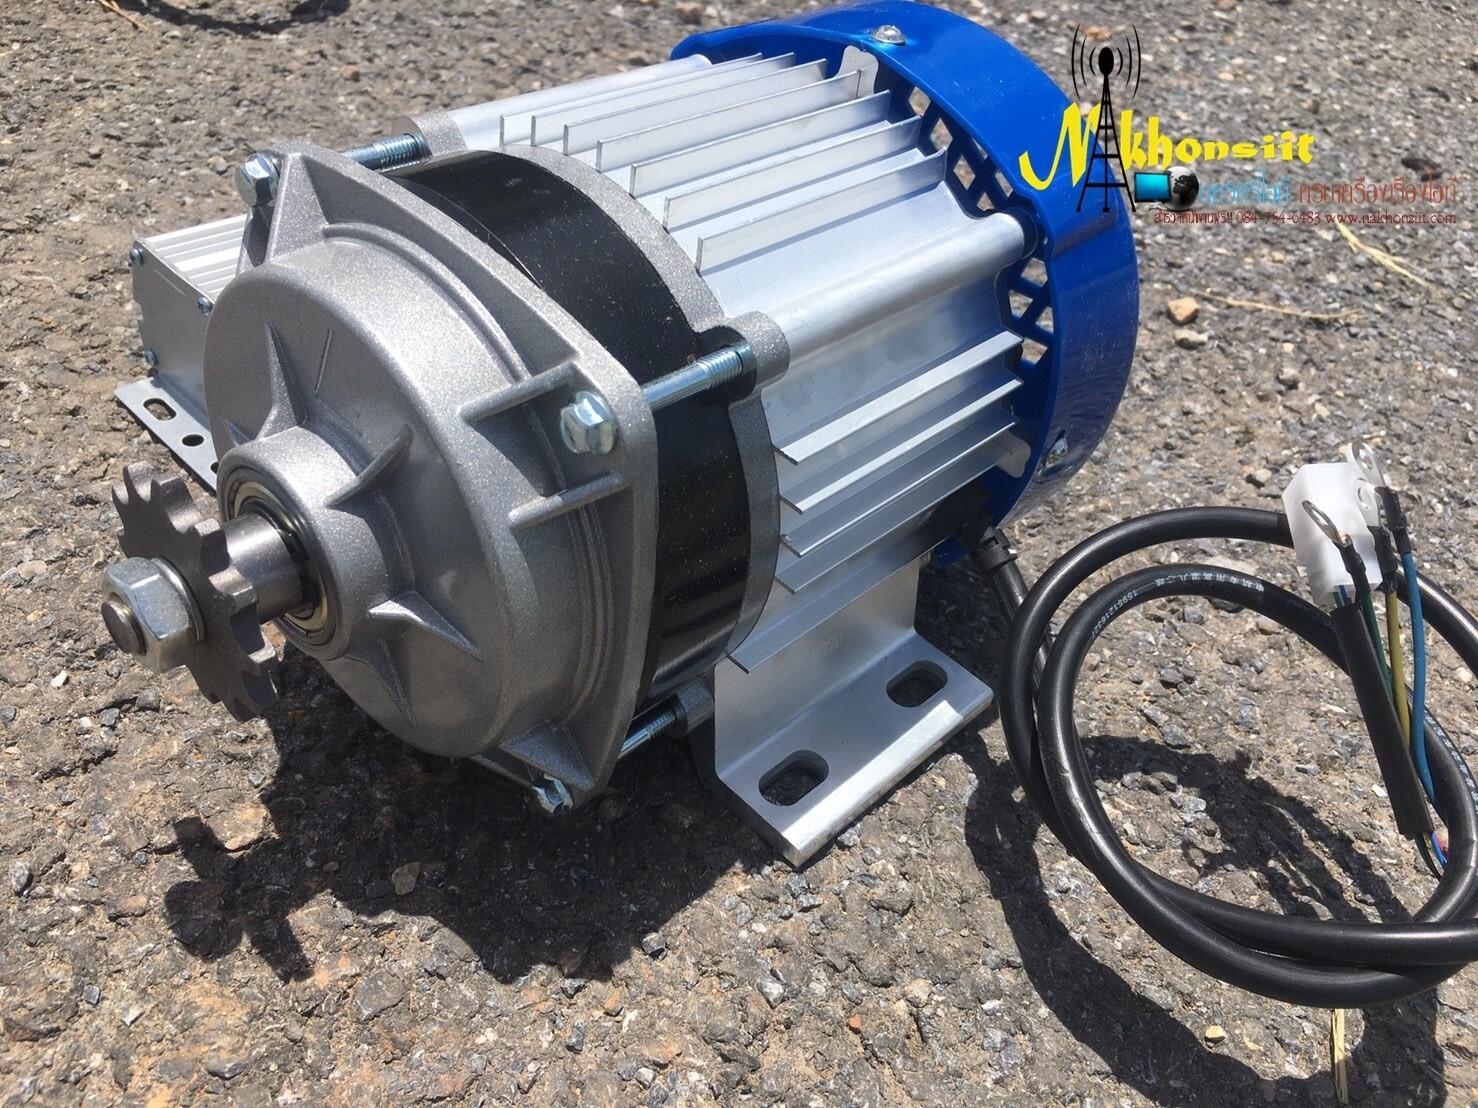 มอเตอร์ดีซีบัสเลส DC motor brushless มอเตอร์ไร้แปลงถ่าน 24V/ 48V 350W/ 500W/ 750W/ 1500W